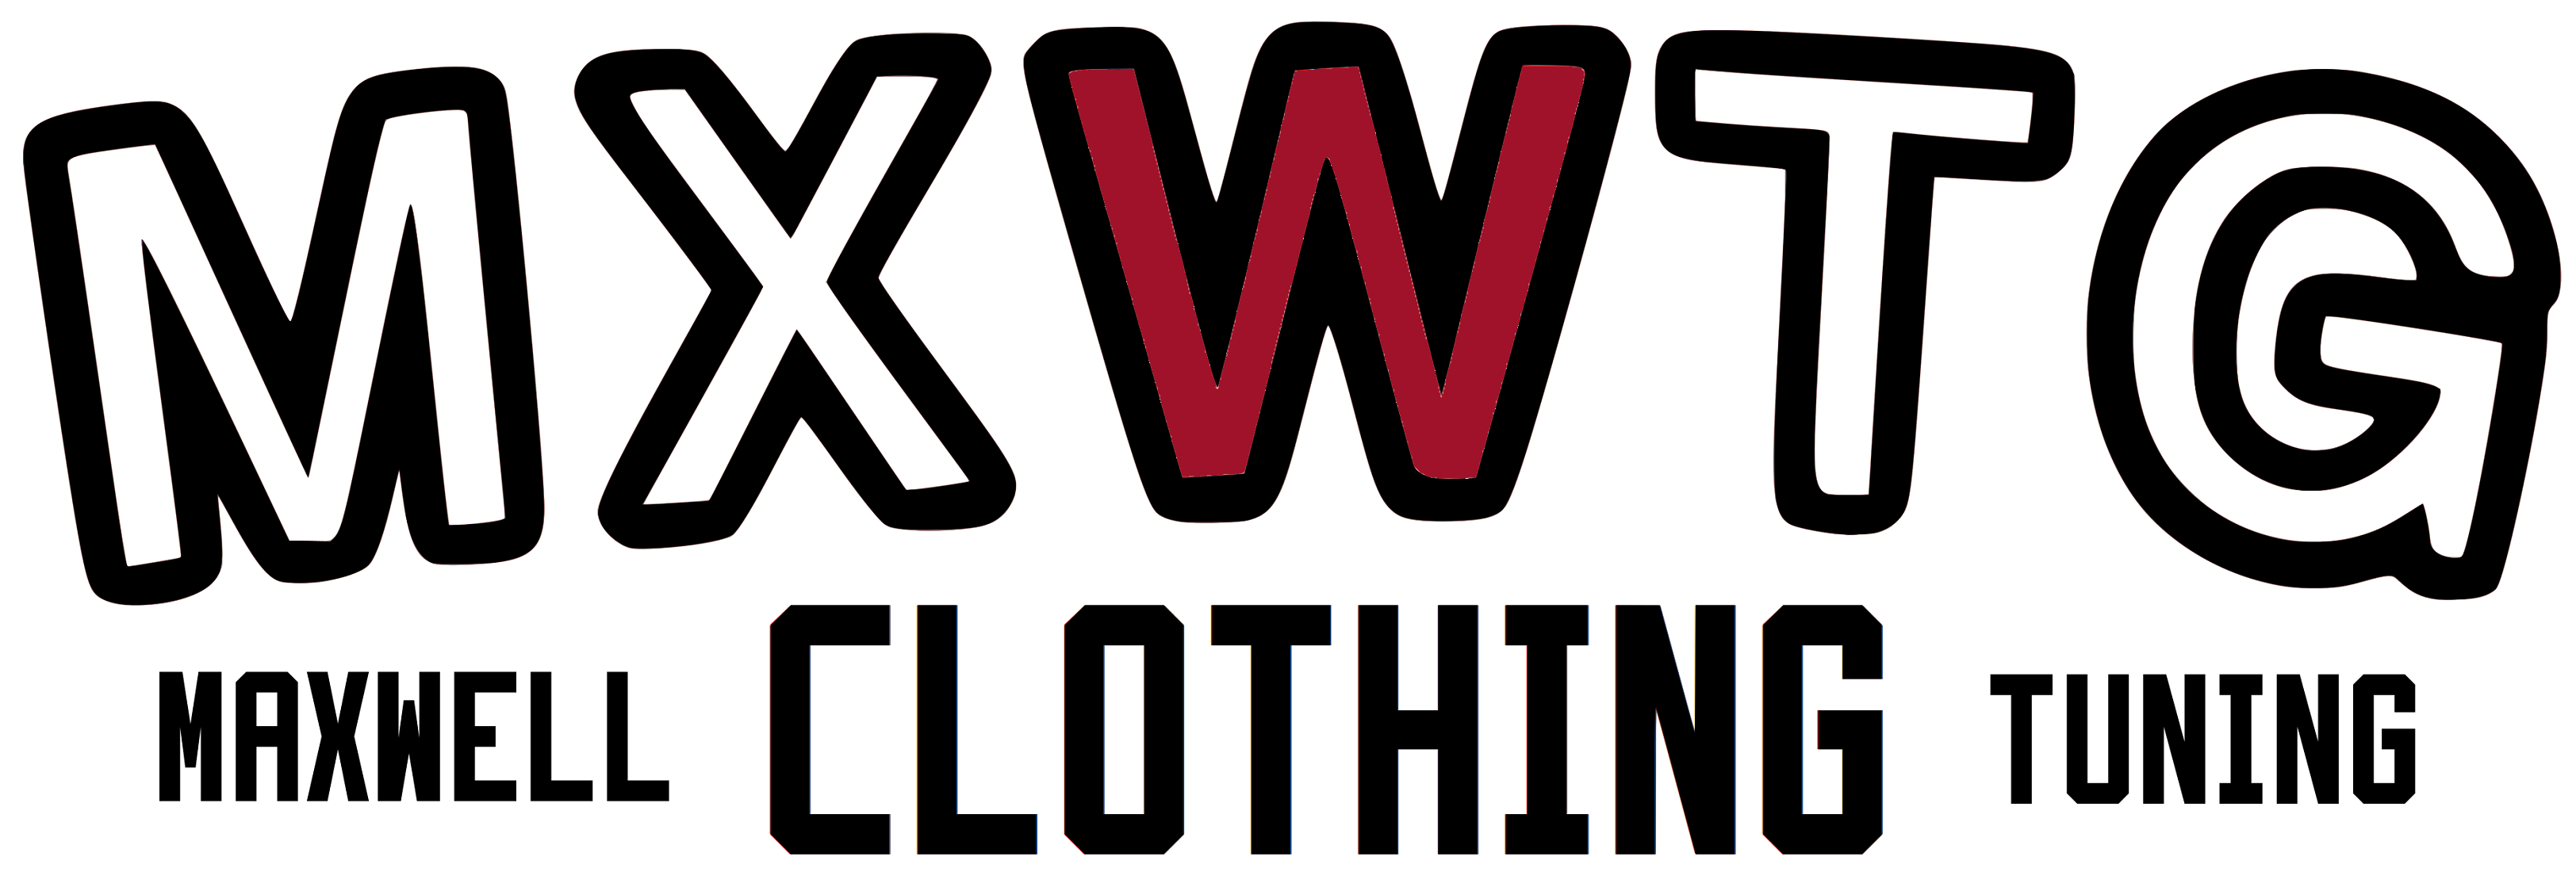 MXWTG CLOTHING